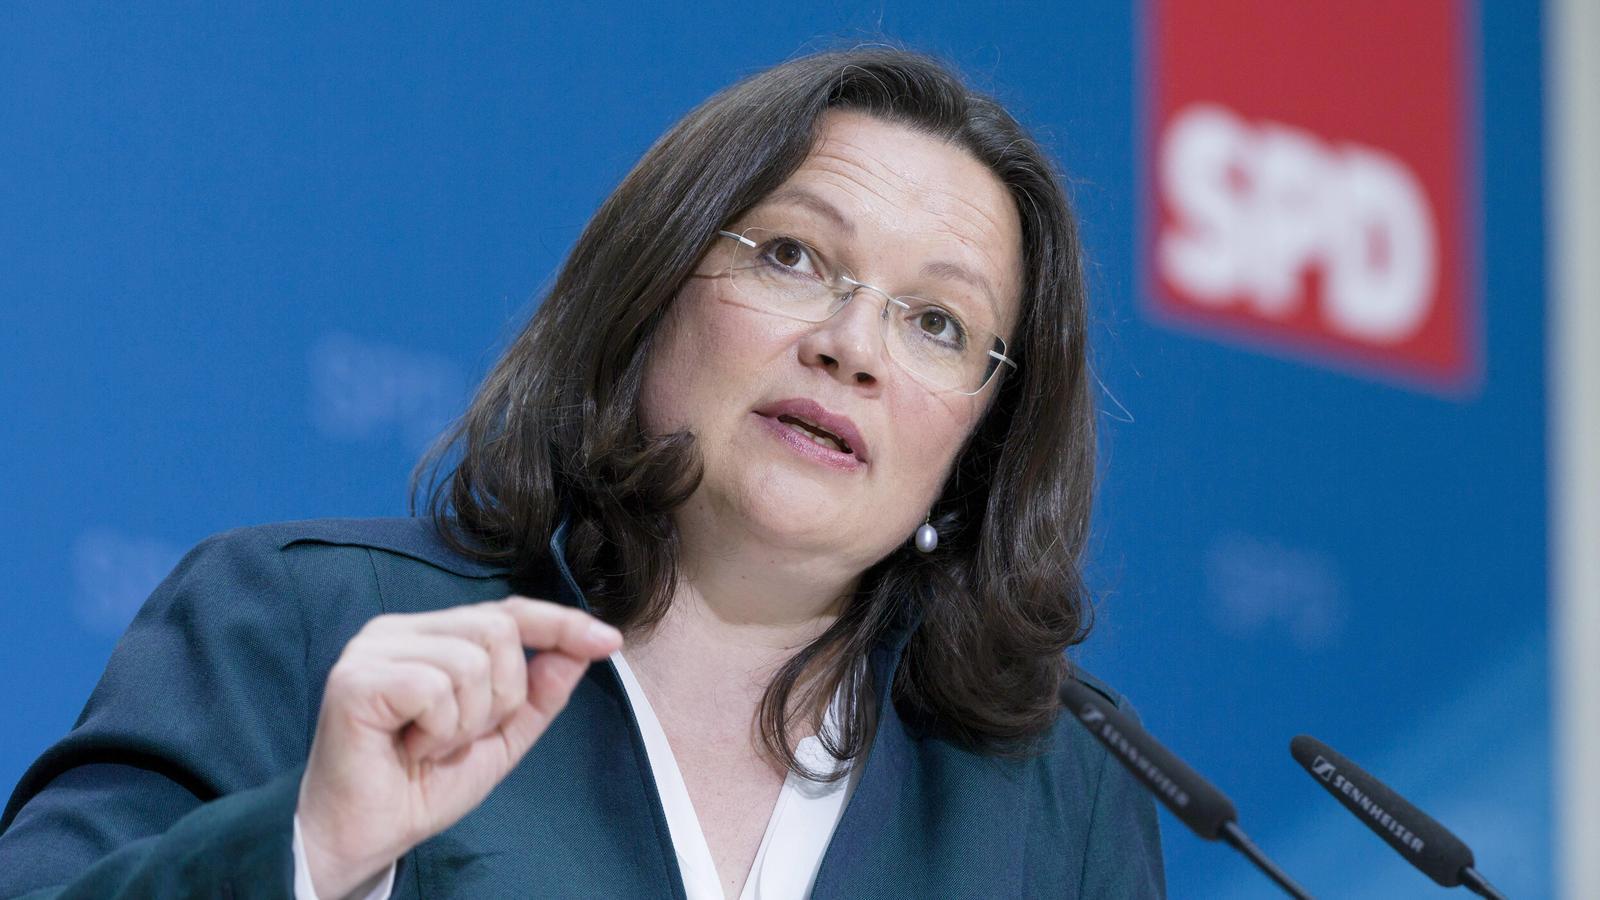 -Ab-morgen-kriegen-sie-in-die-Fresse-Neue-SPD-Fraktionschefin-Andrea-Nahles-gibt-sich-angriffslustig